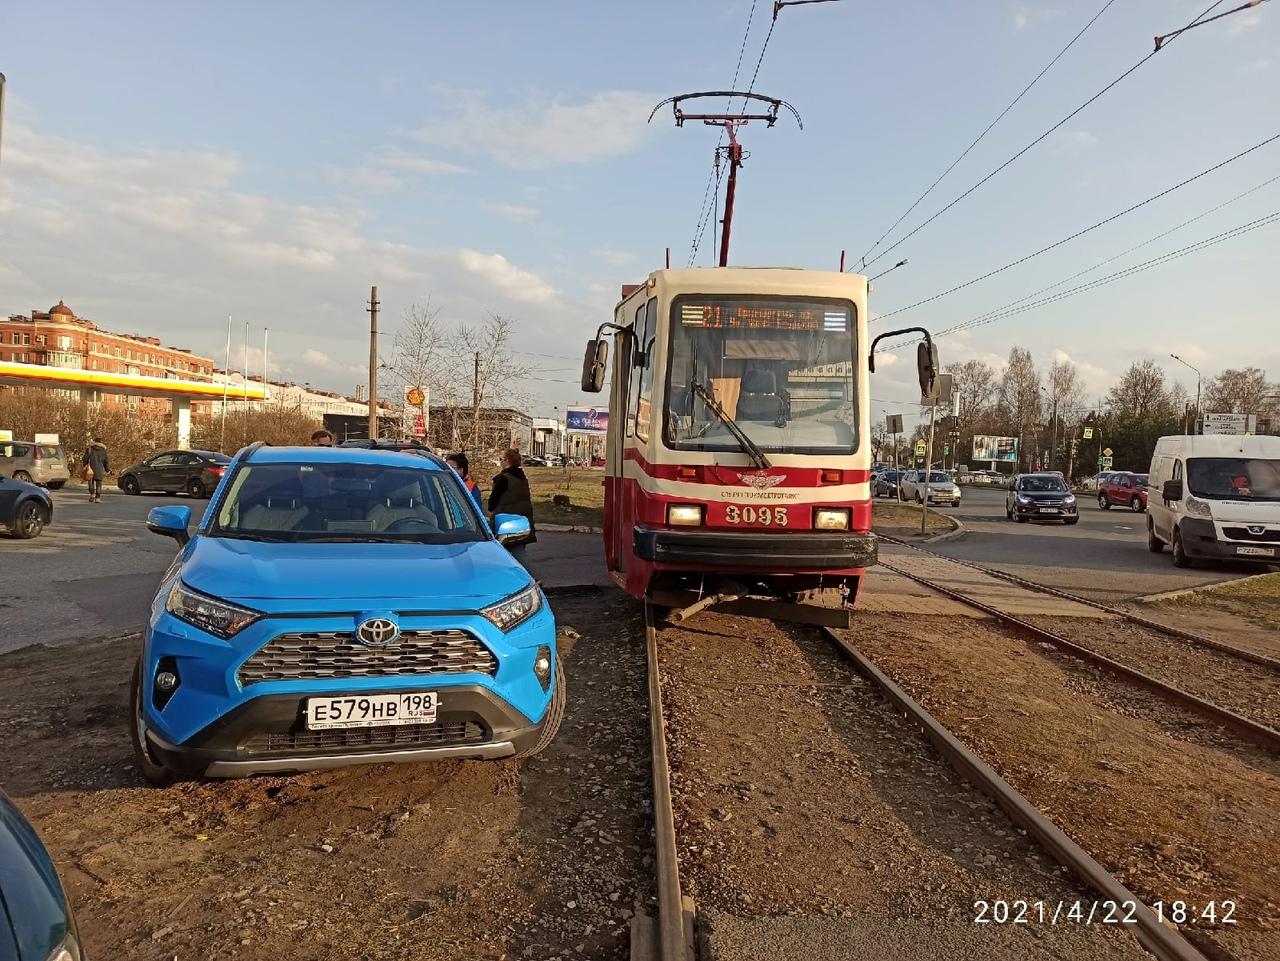 На Хошимина и Выборгского шоссе у Макдональдса, Toyota так припарковалась, что трамваю не проехать. ...